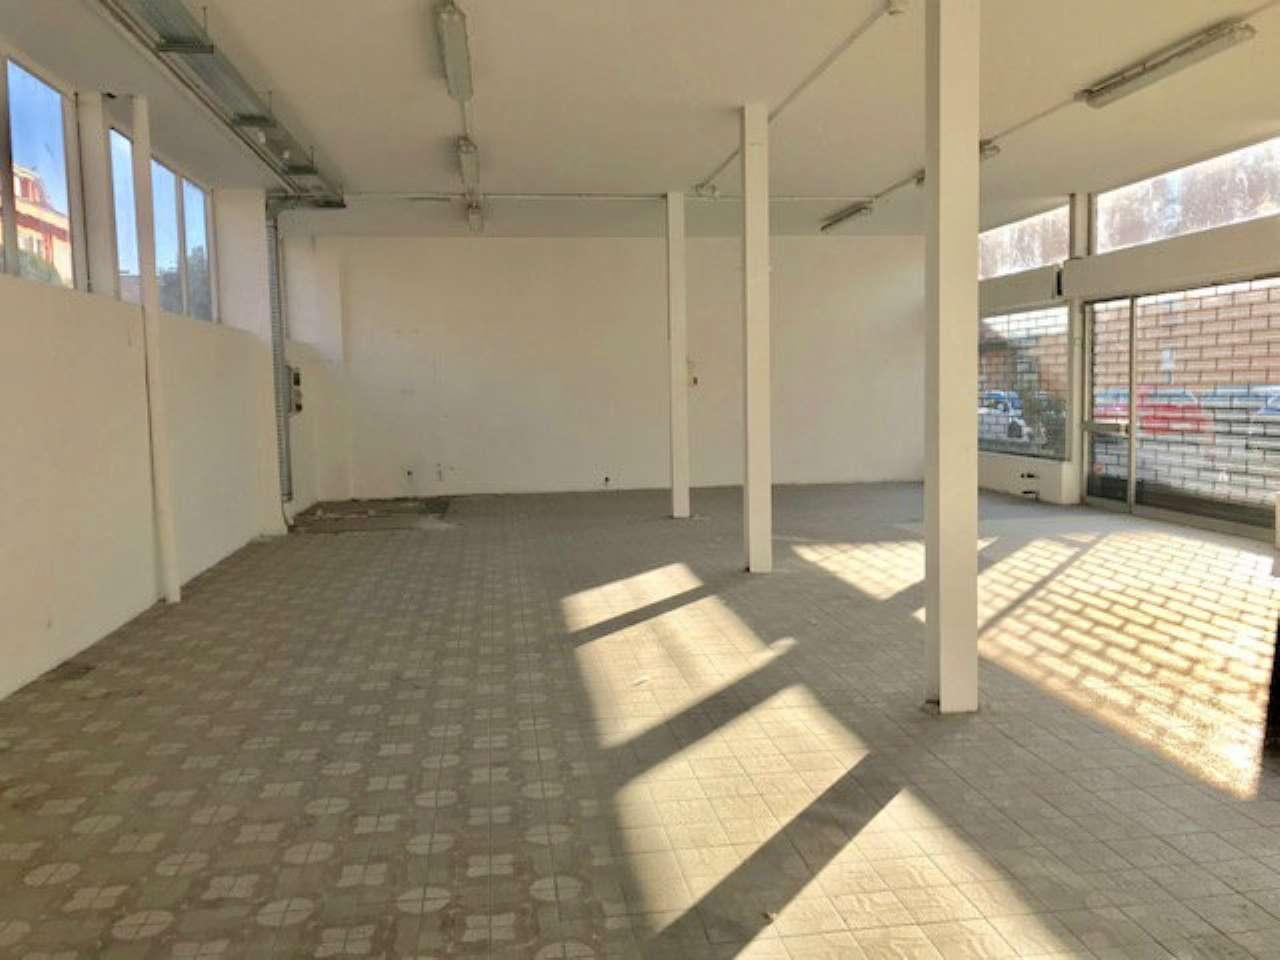 Ufficio / Studio in vendita a Cassano d'Adda, 1 locali, prezzo € 1.250 | PortaleAgenzieImmobiliari.it